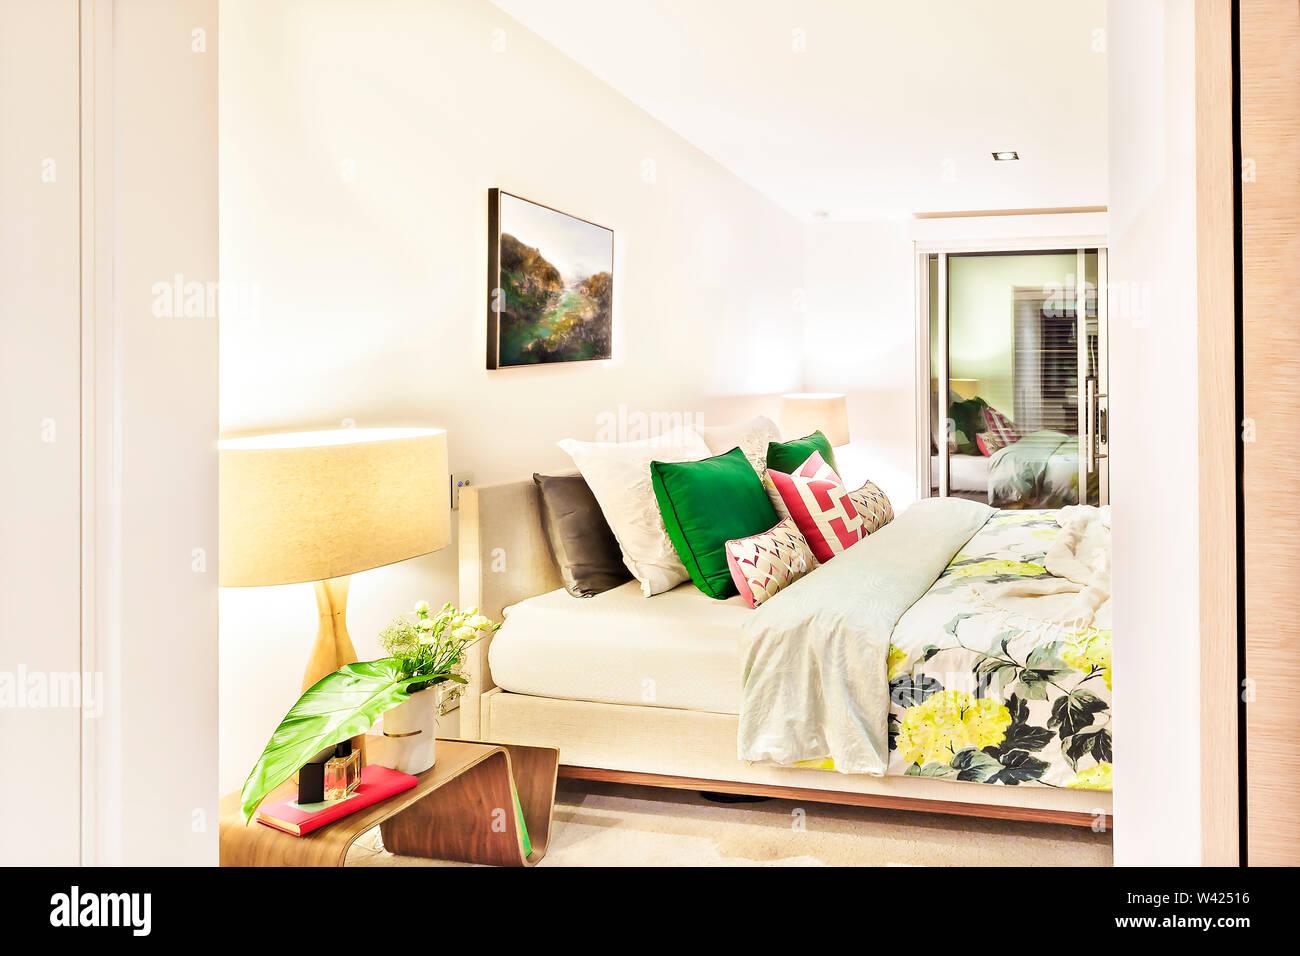 Camera da letto ingresso con luci intorno alla notte accanto al spogliatoio con panni appesi Immagini Stock